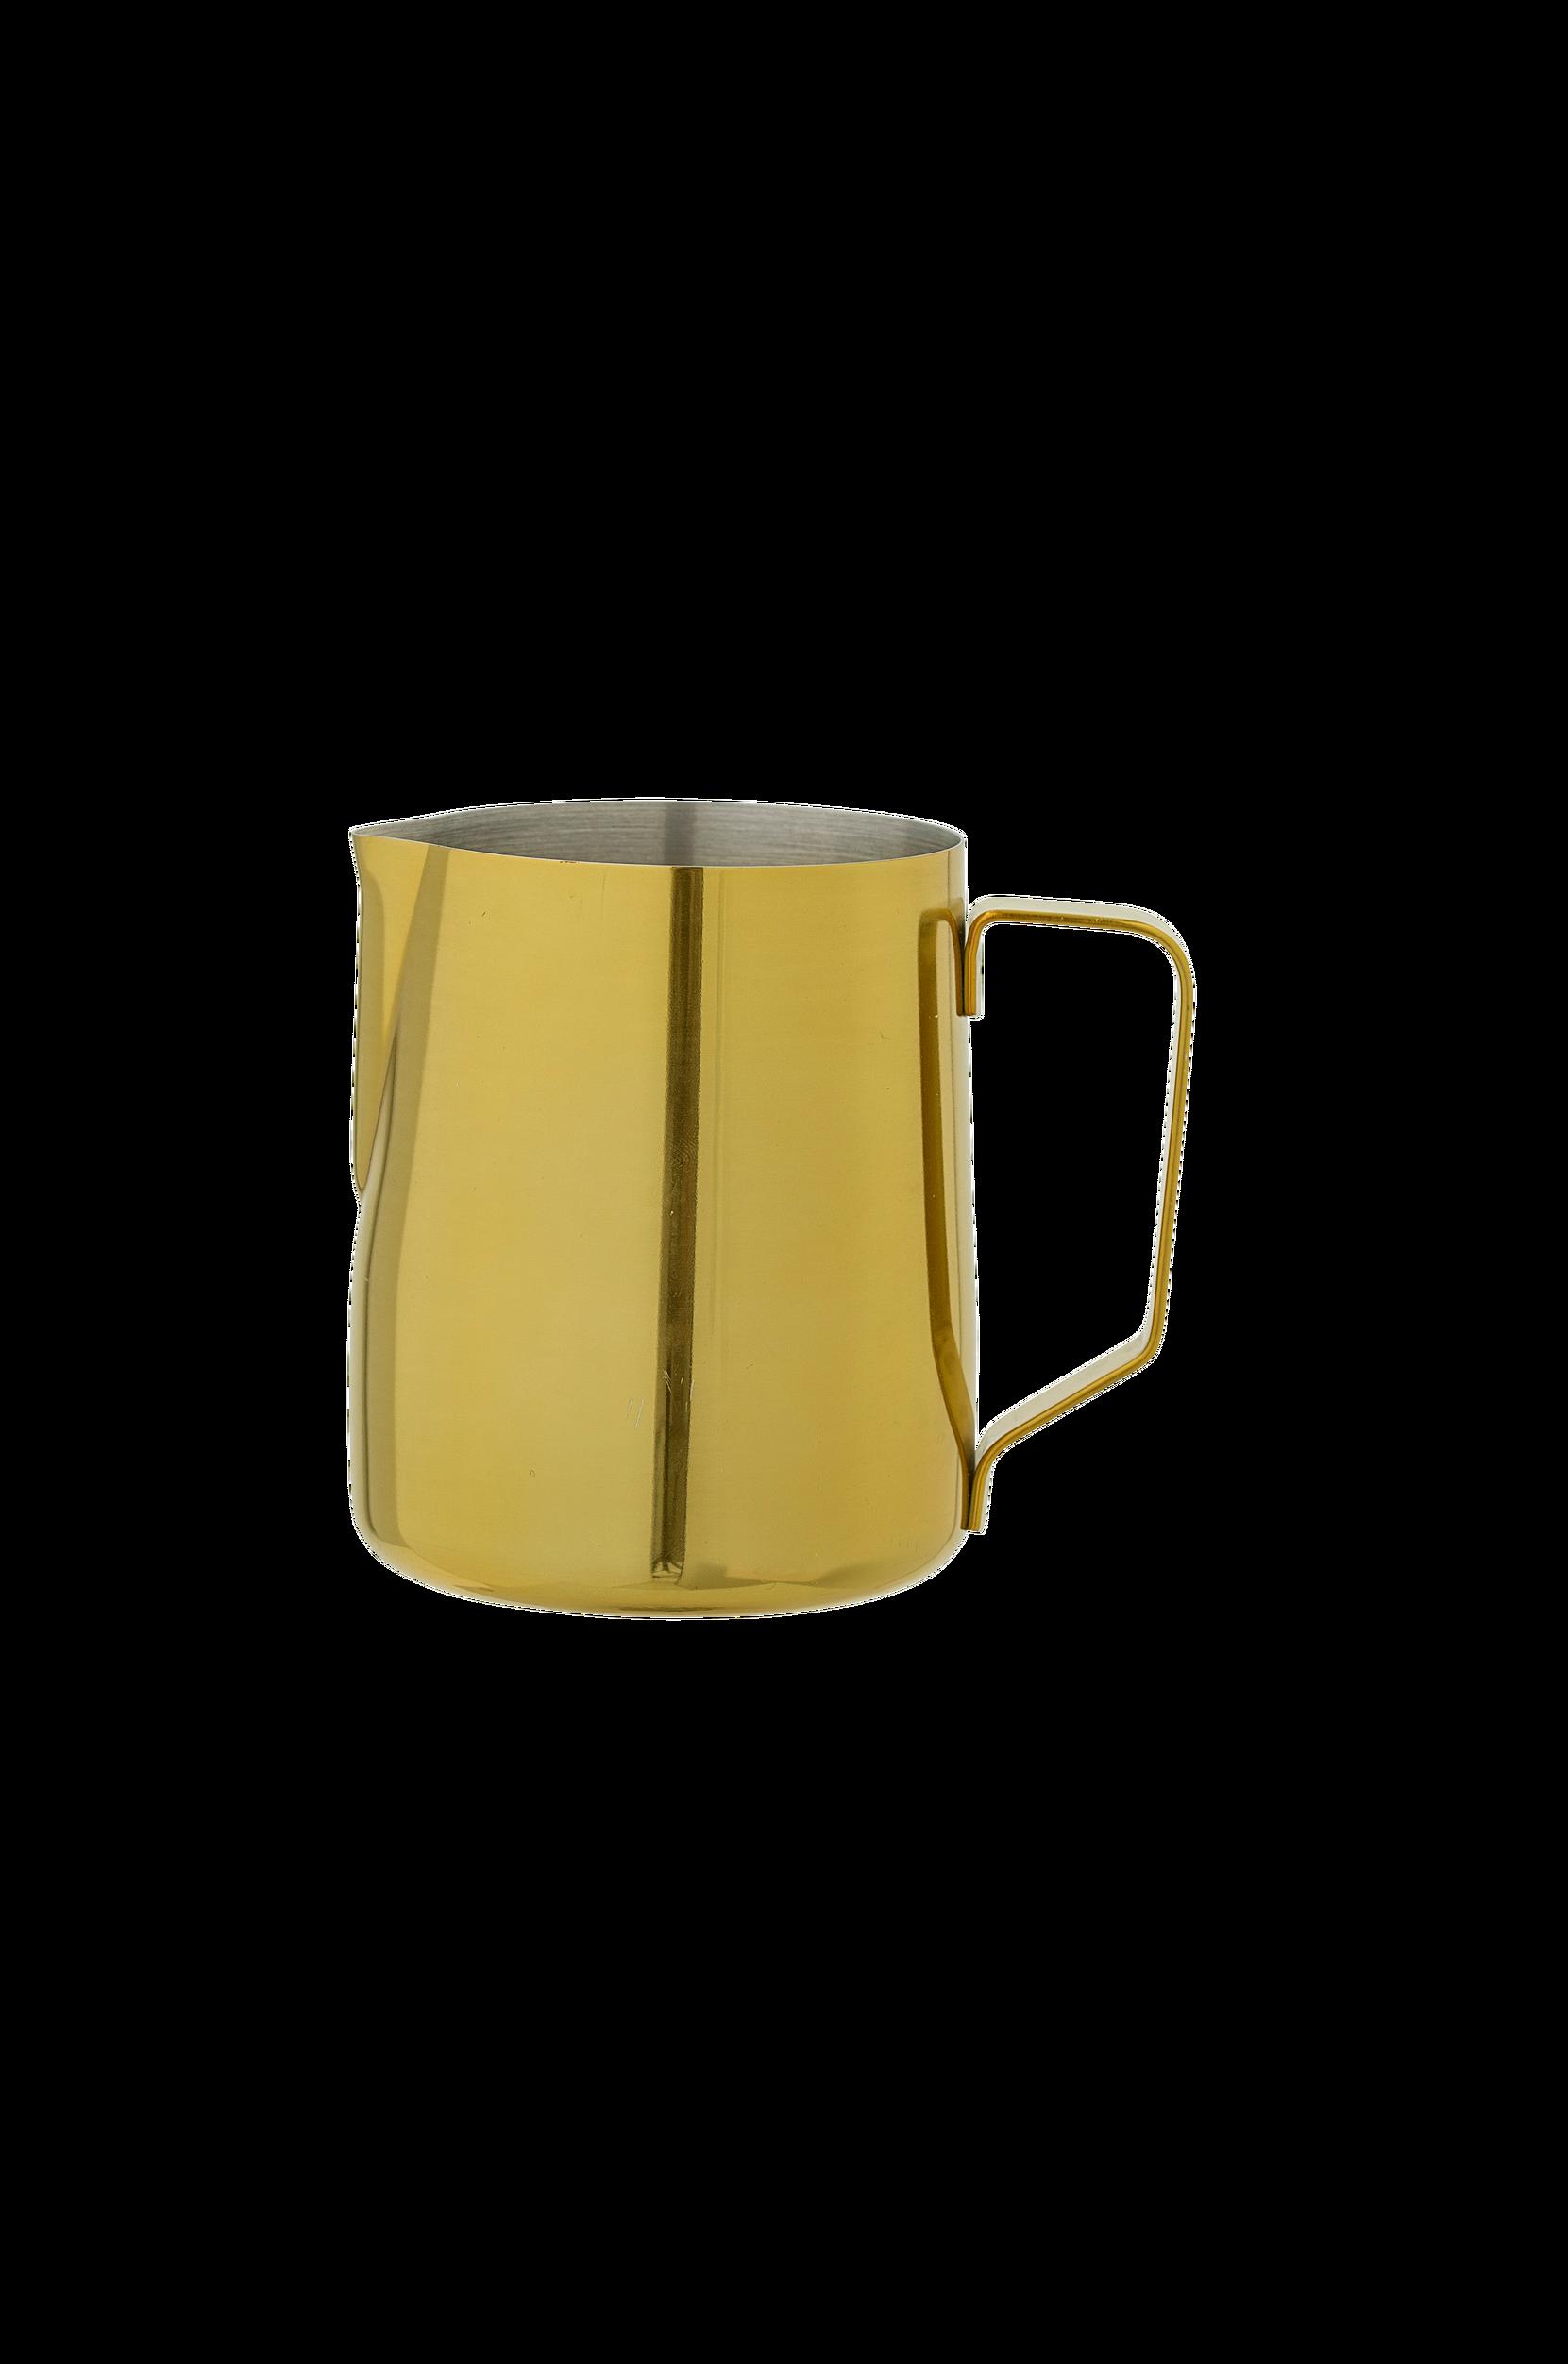 Mælkekande Goldie Bloomingville Porcelæn til Boligen i Guldfarvet